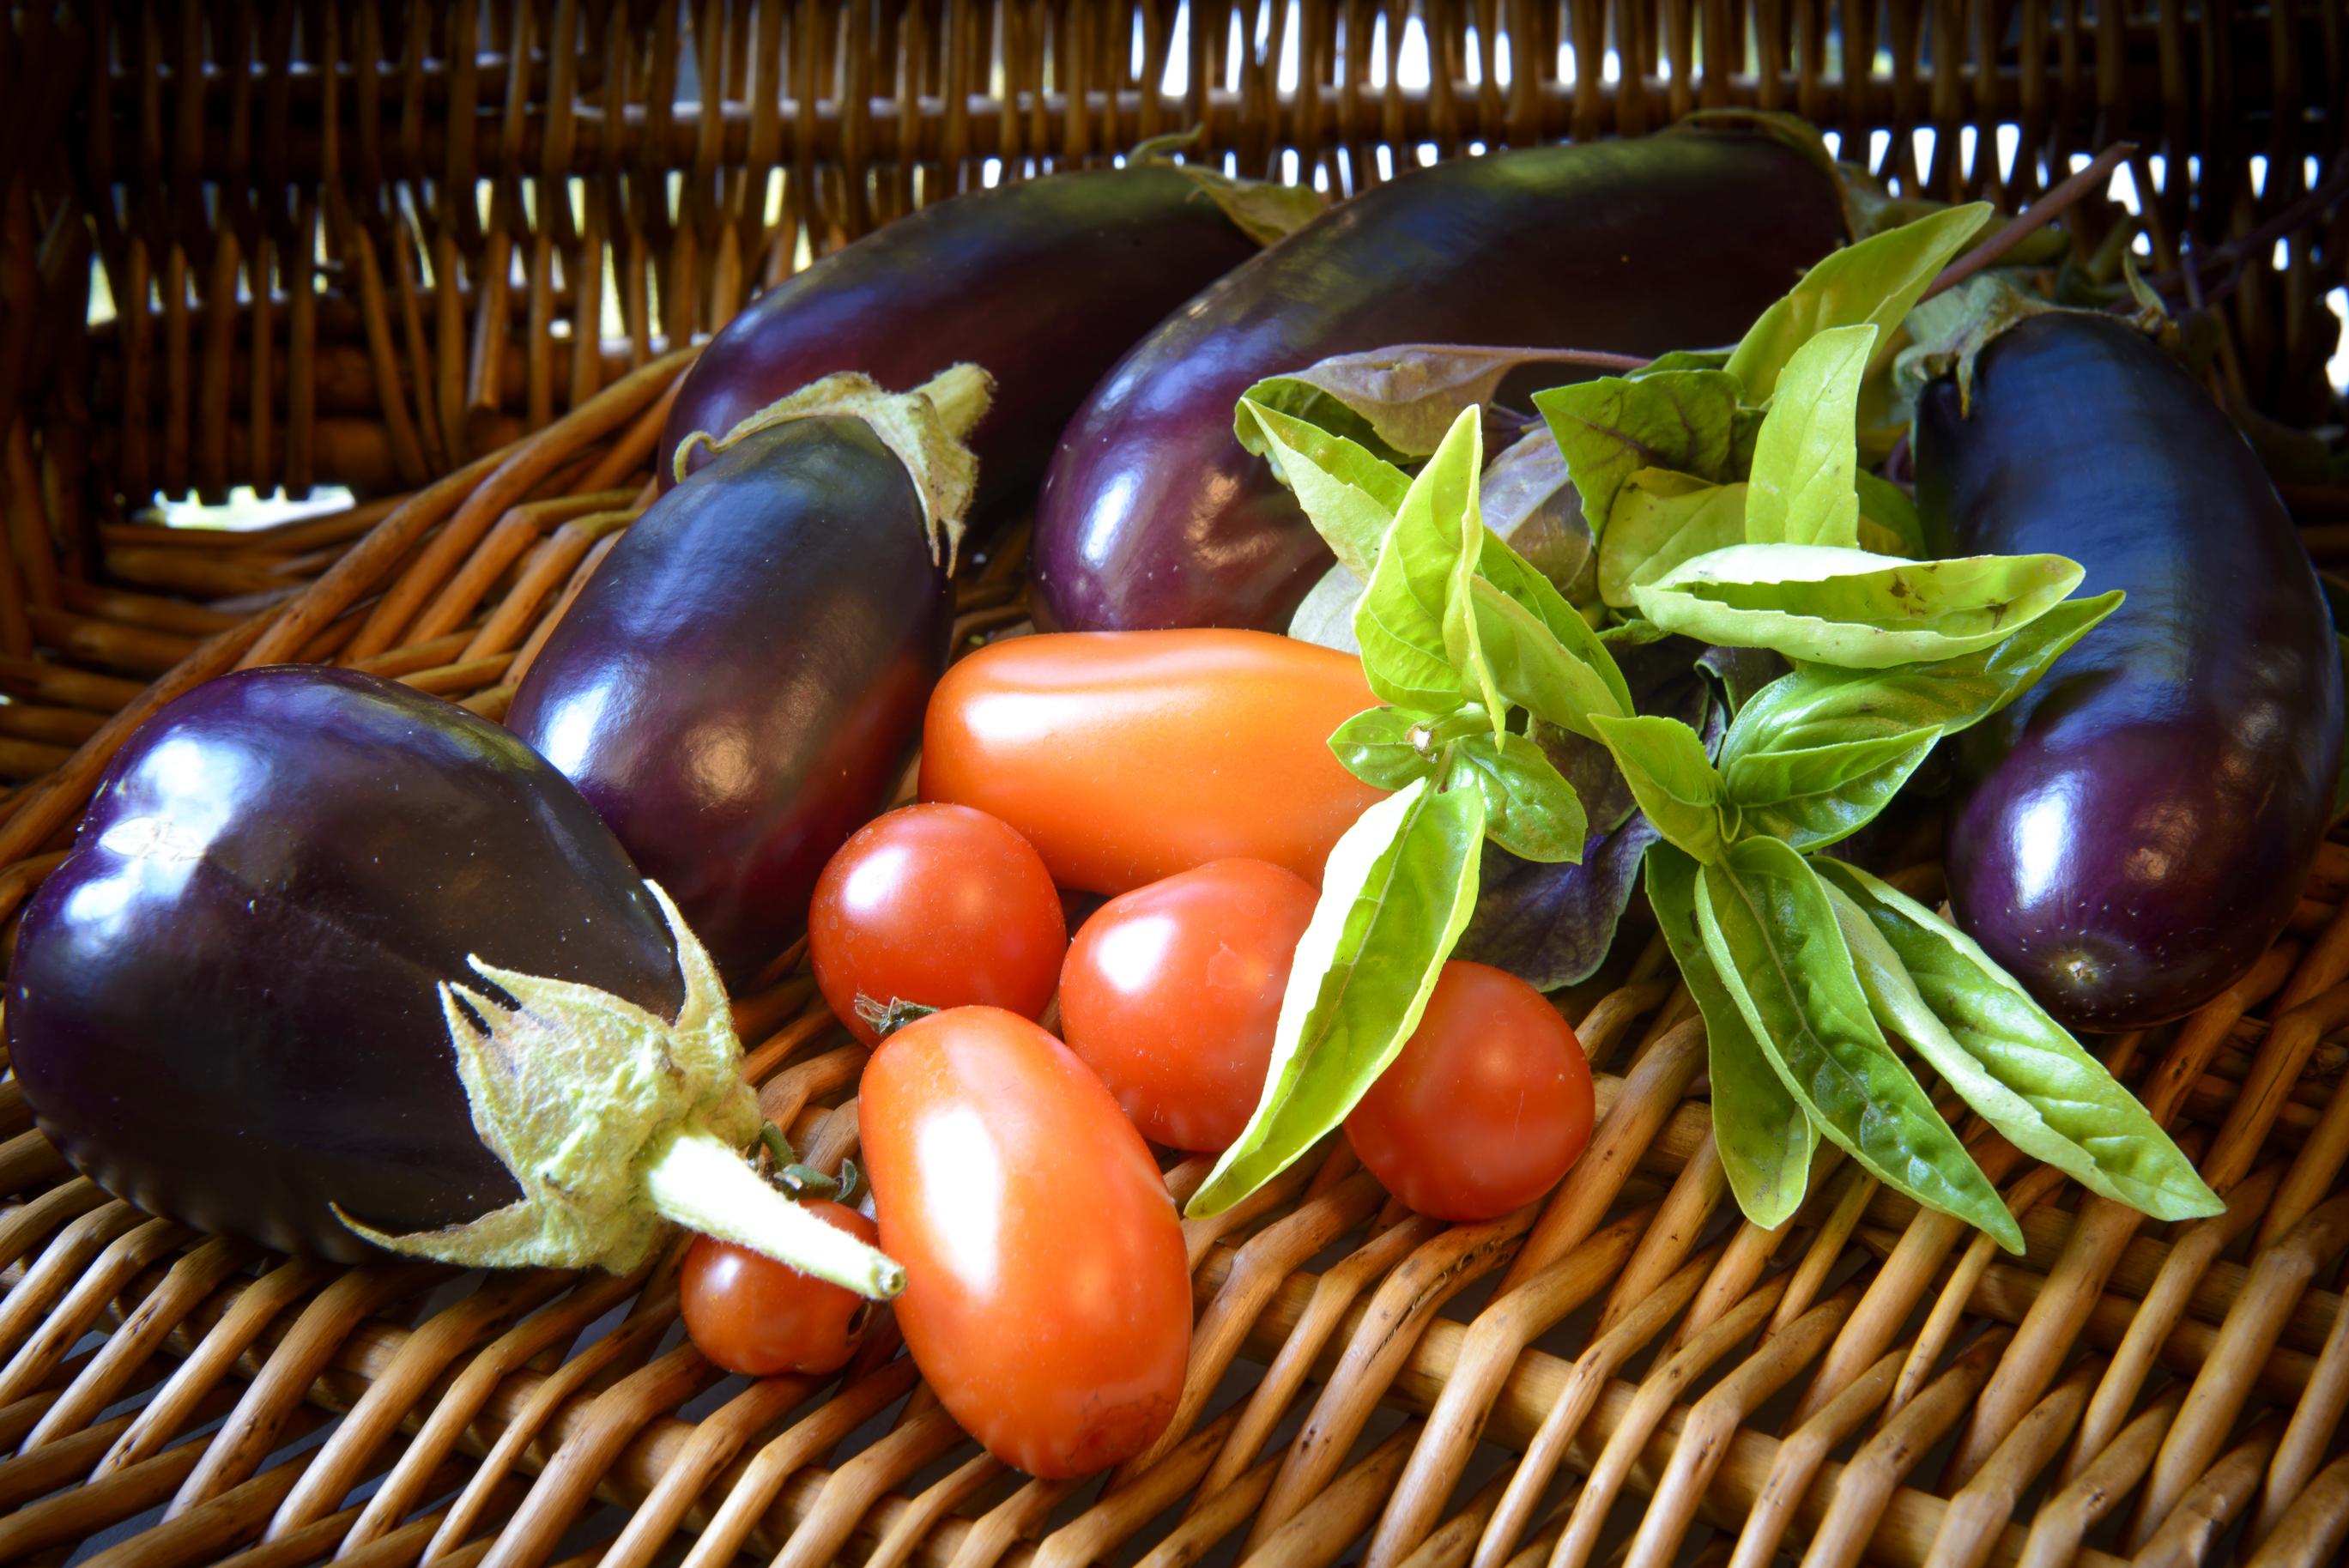 Eggplant-0868